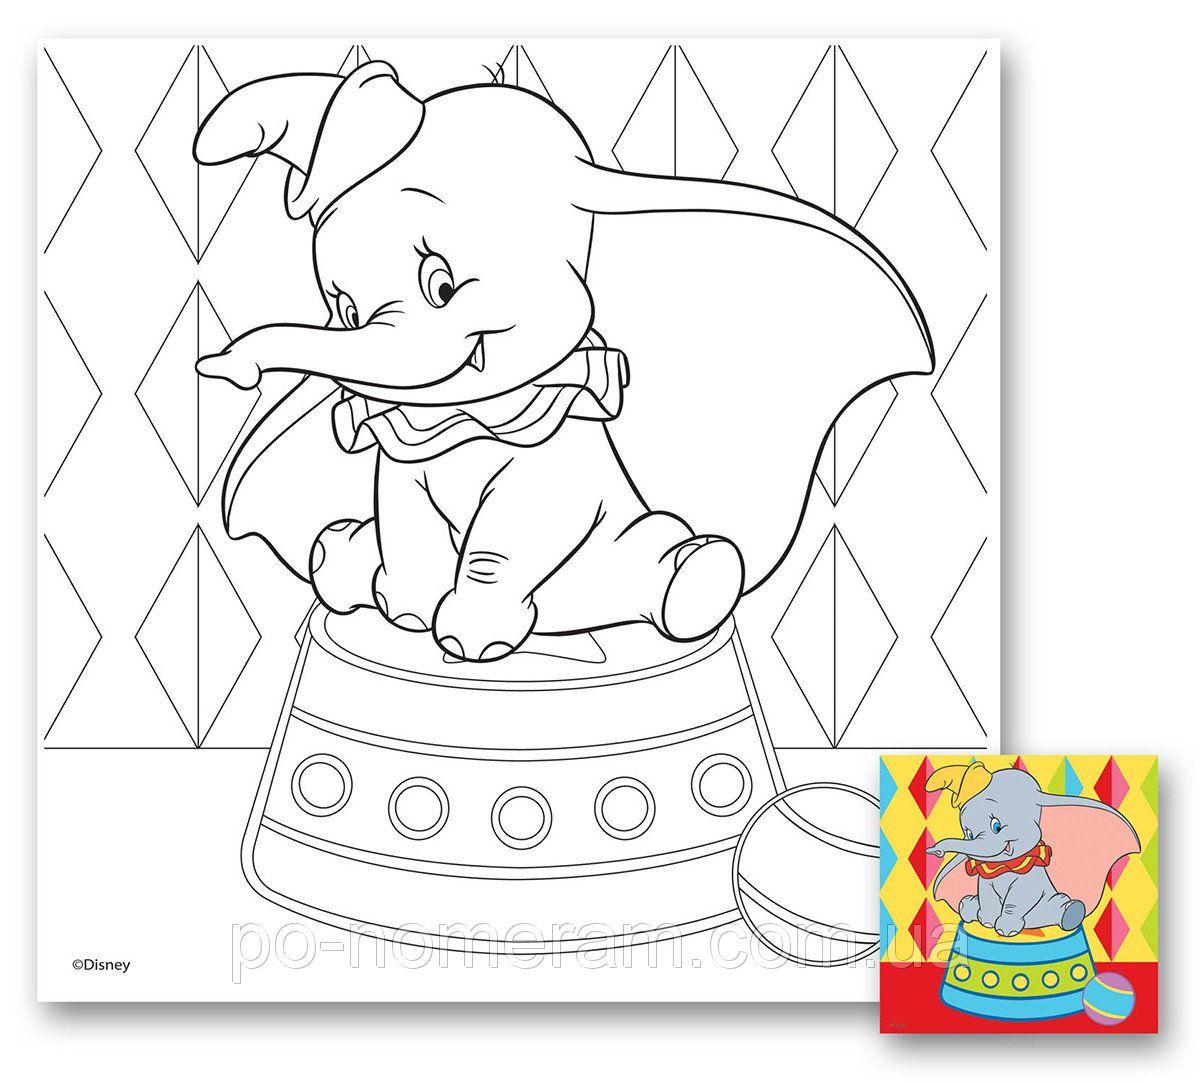 Épinglé par Linda Rowe sur Coloring disney characters  Enfant